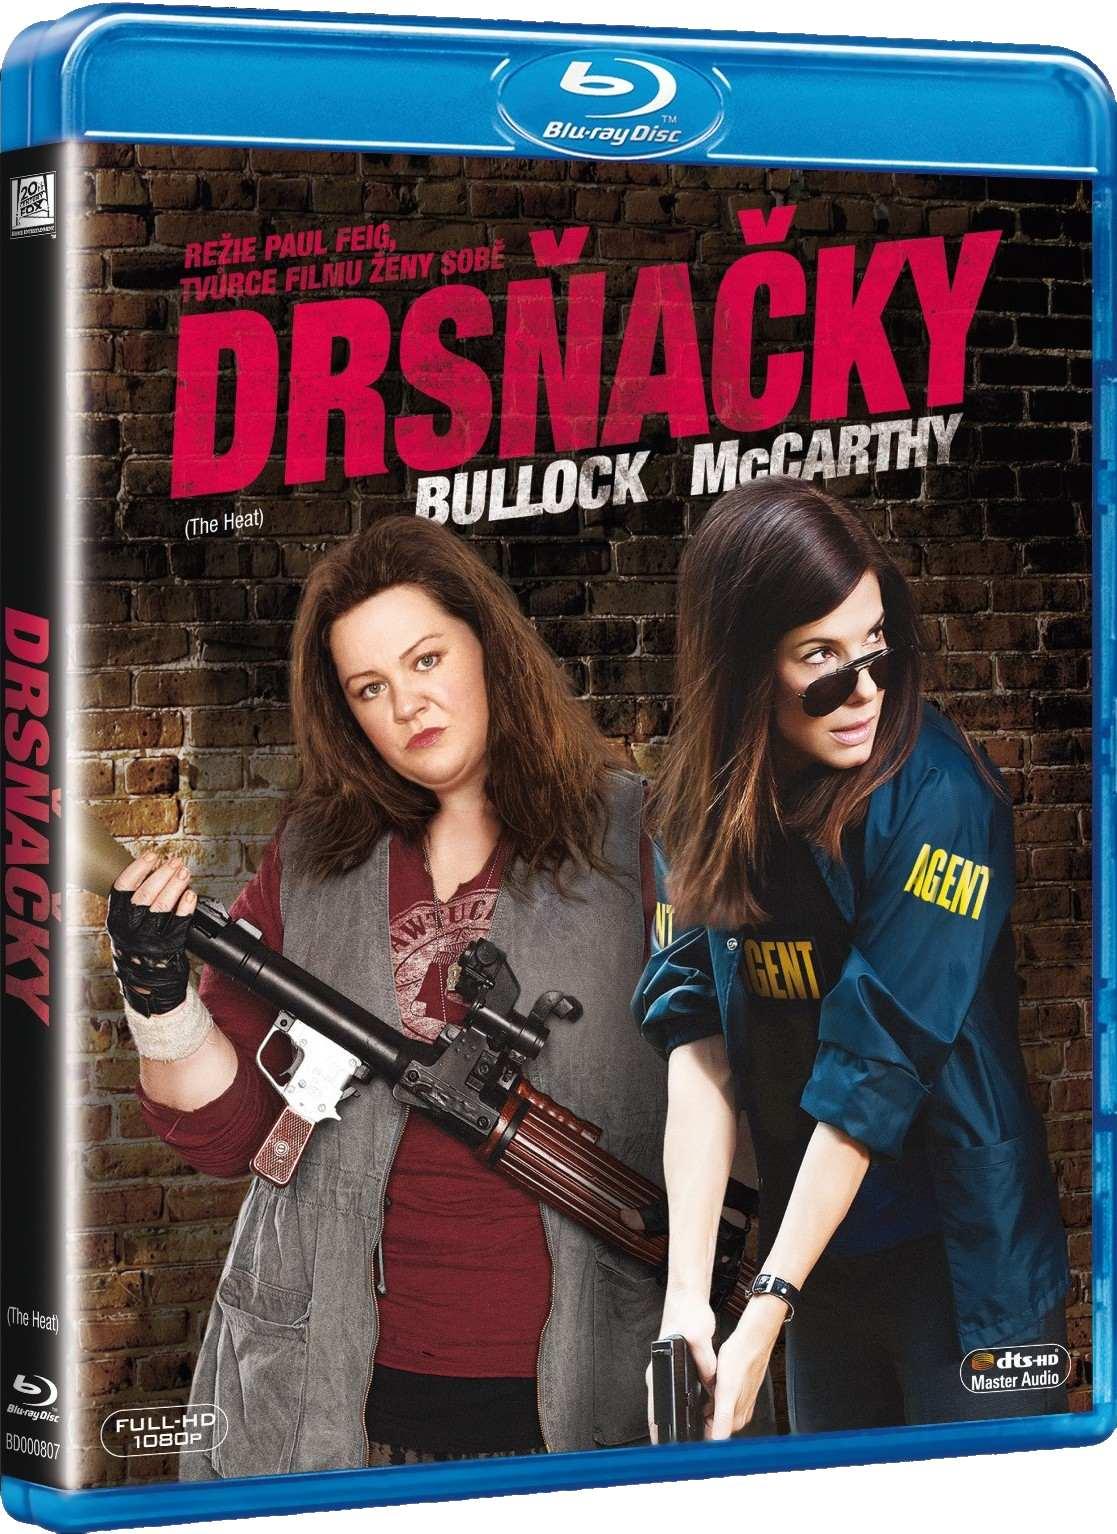 DRSŇAČKY - Blu-ray